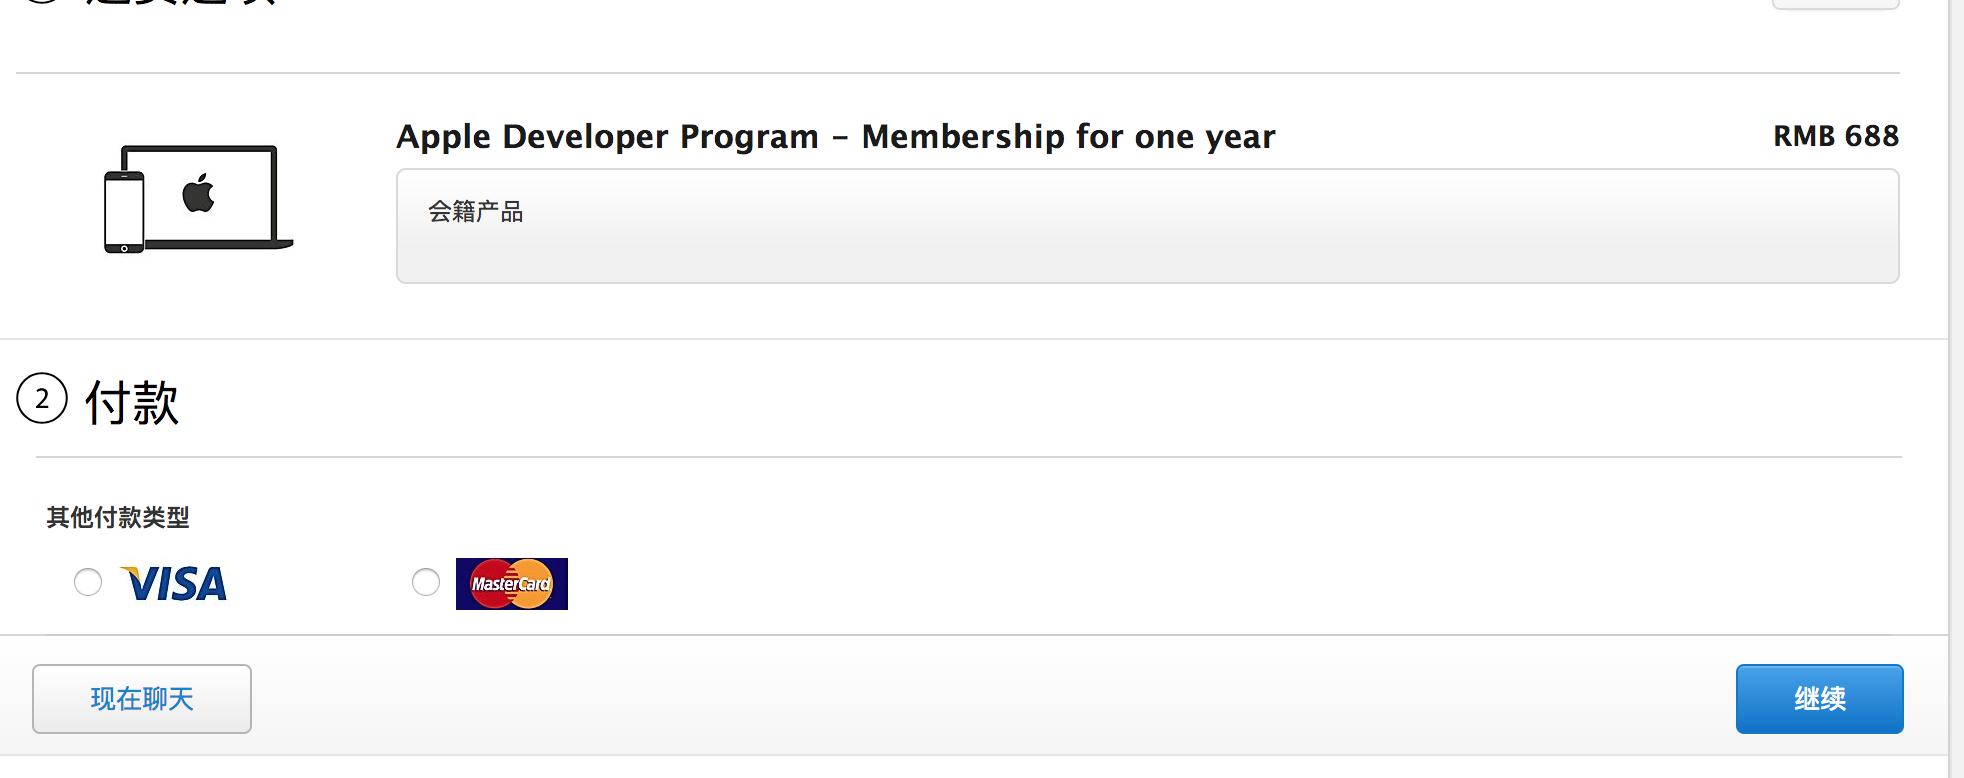 注册苹果公司开发者账号是一直等待审查中的解决方法-developer.apple.com